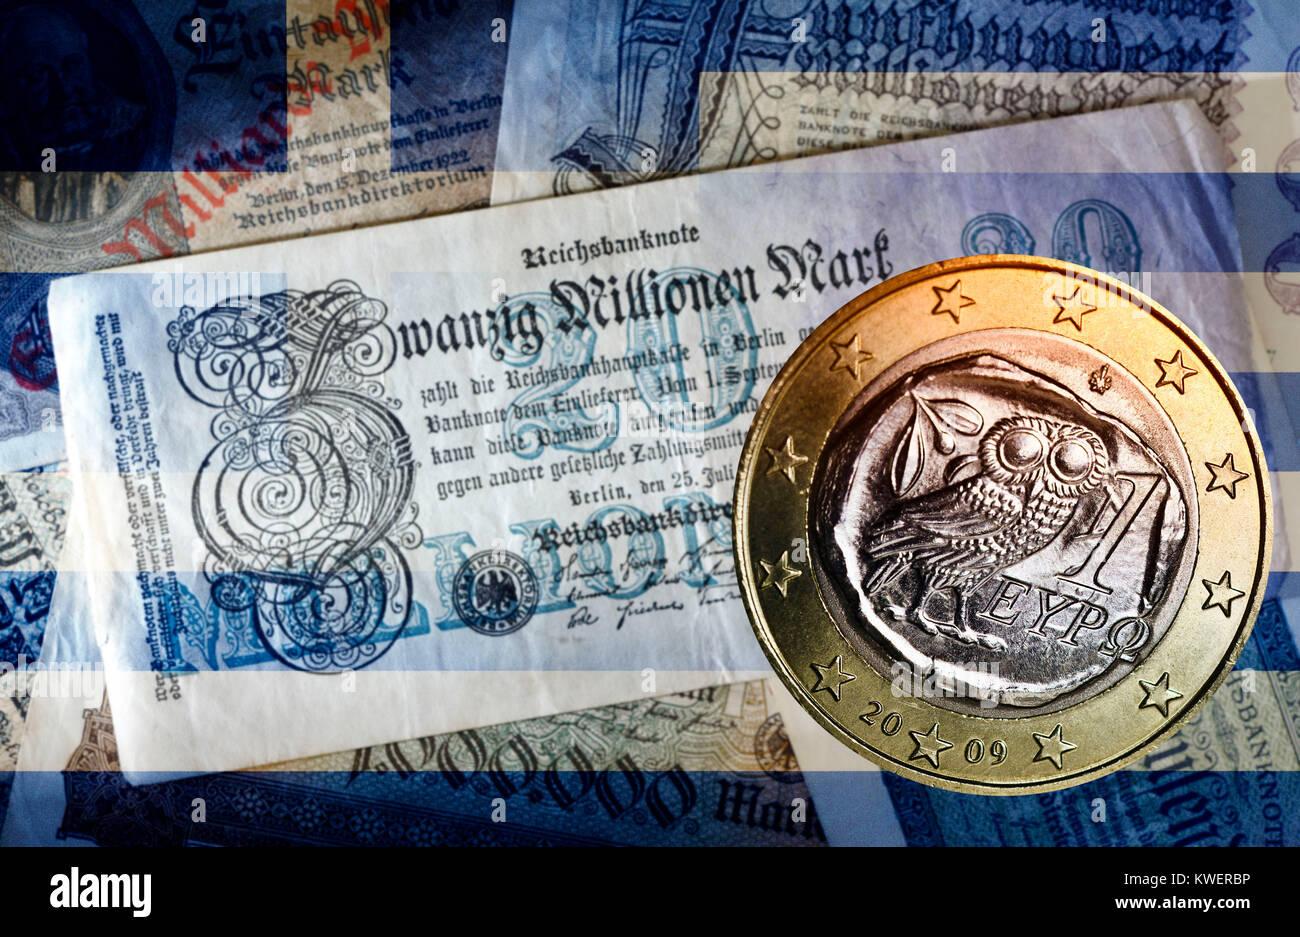 Old German inflation bank notes and Greek euro, Greek Reparationsforderungen, Alte deutsche Inflations-Geldscheine Stock Photo